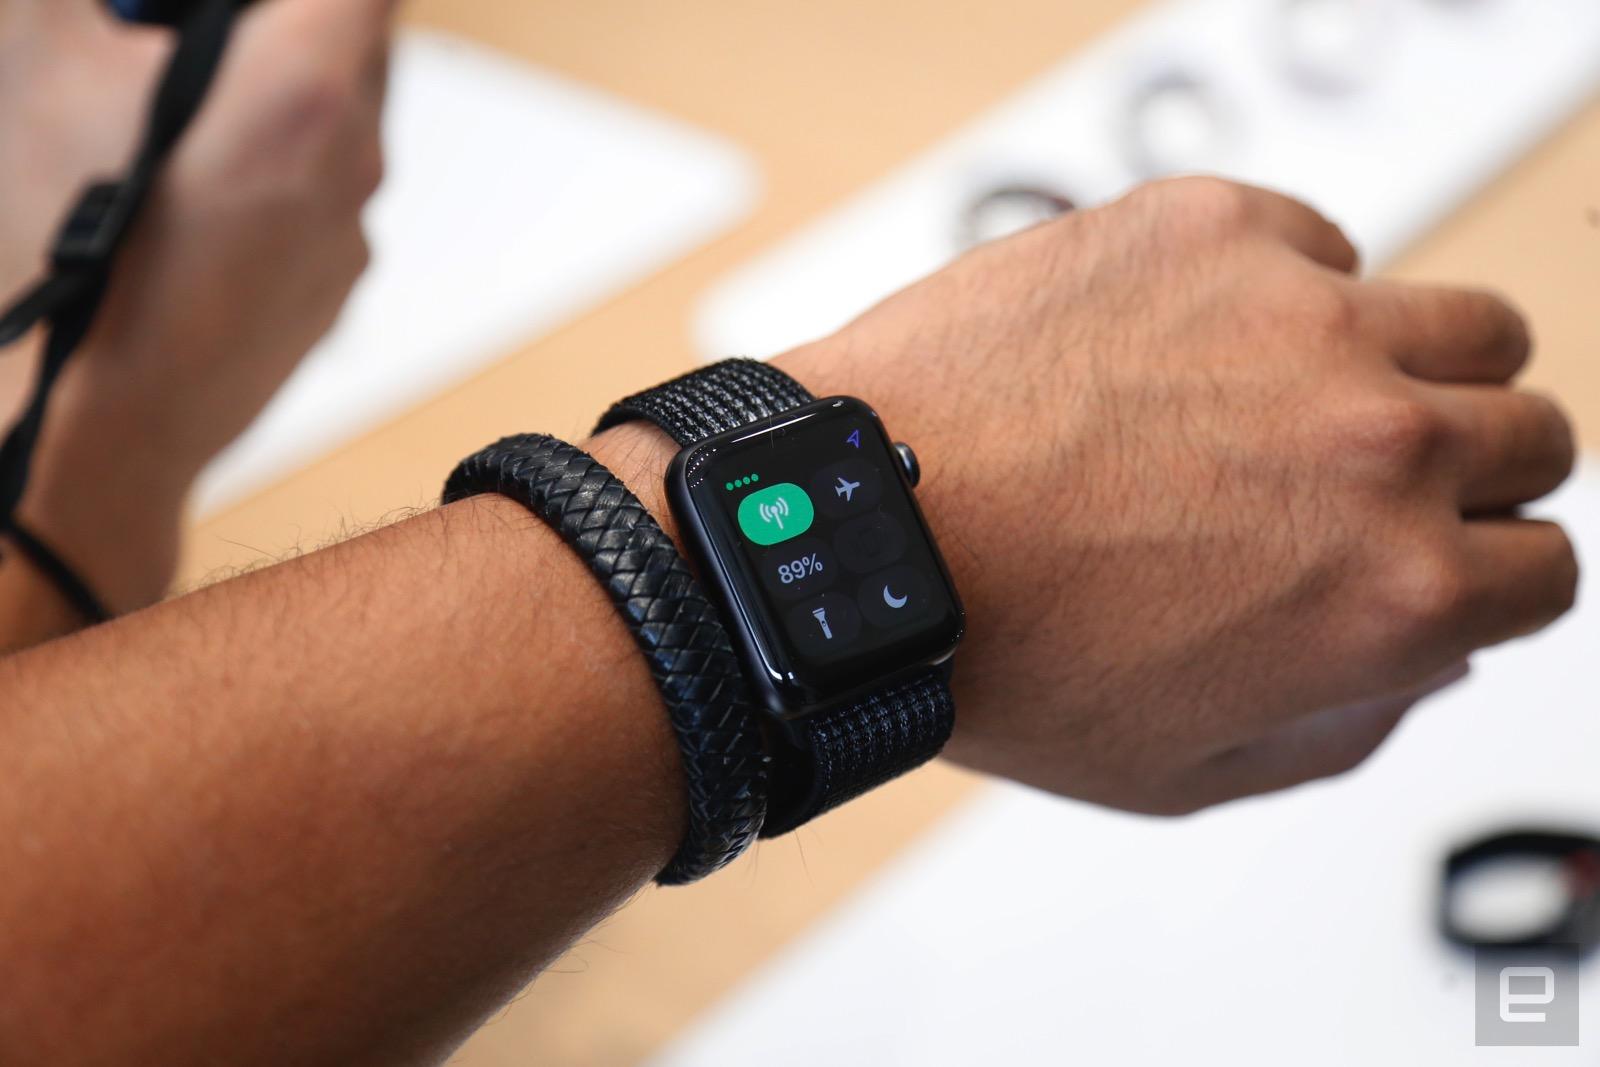 Apple Watch Series 3 的早期軟體可能存在 Lte 連線問題